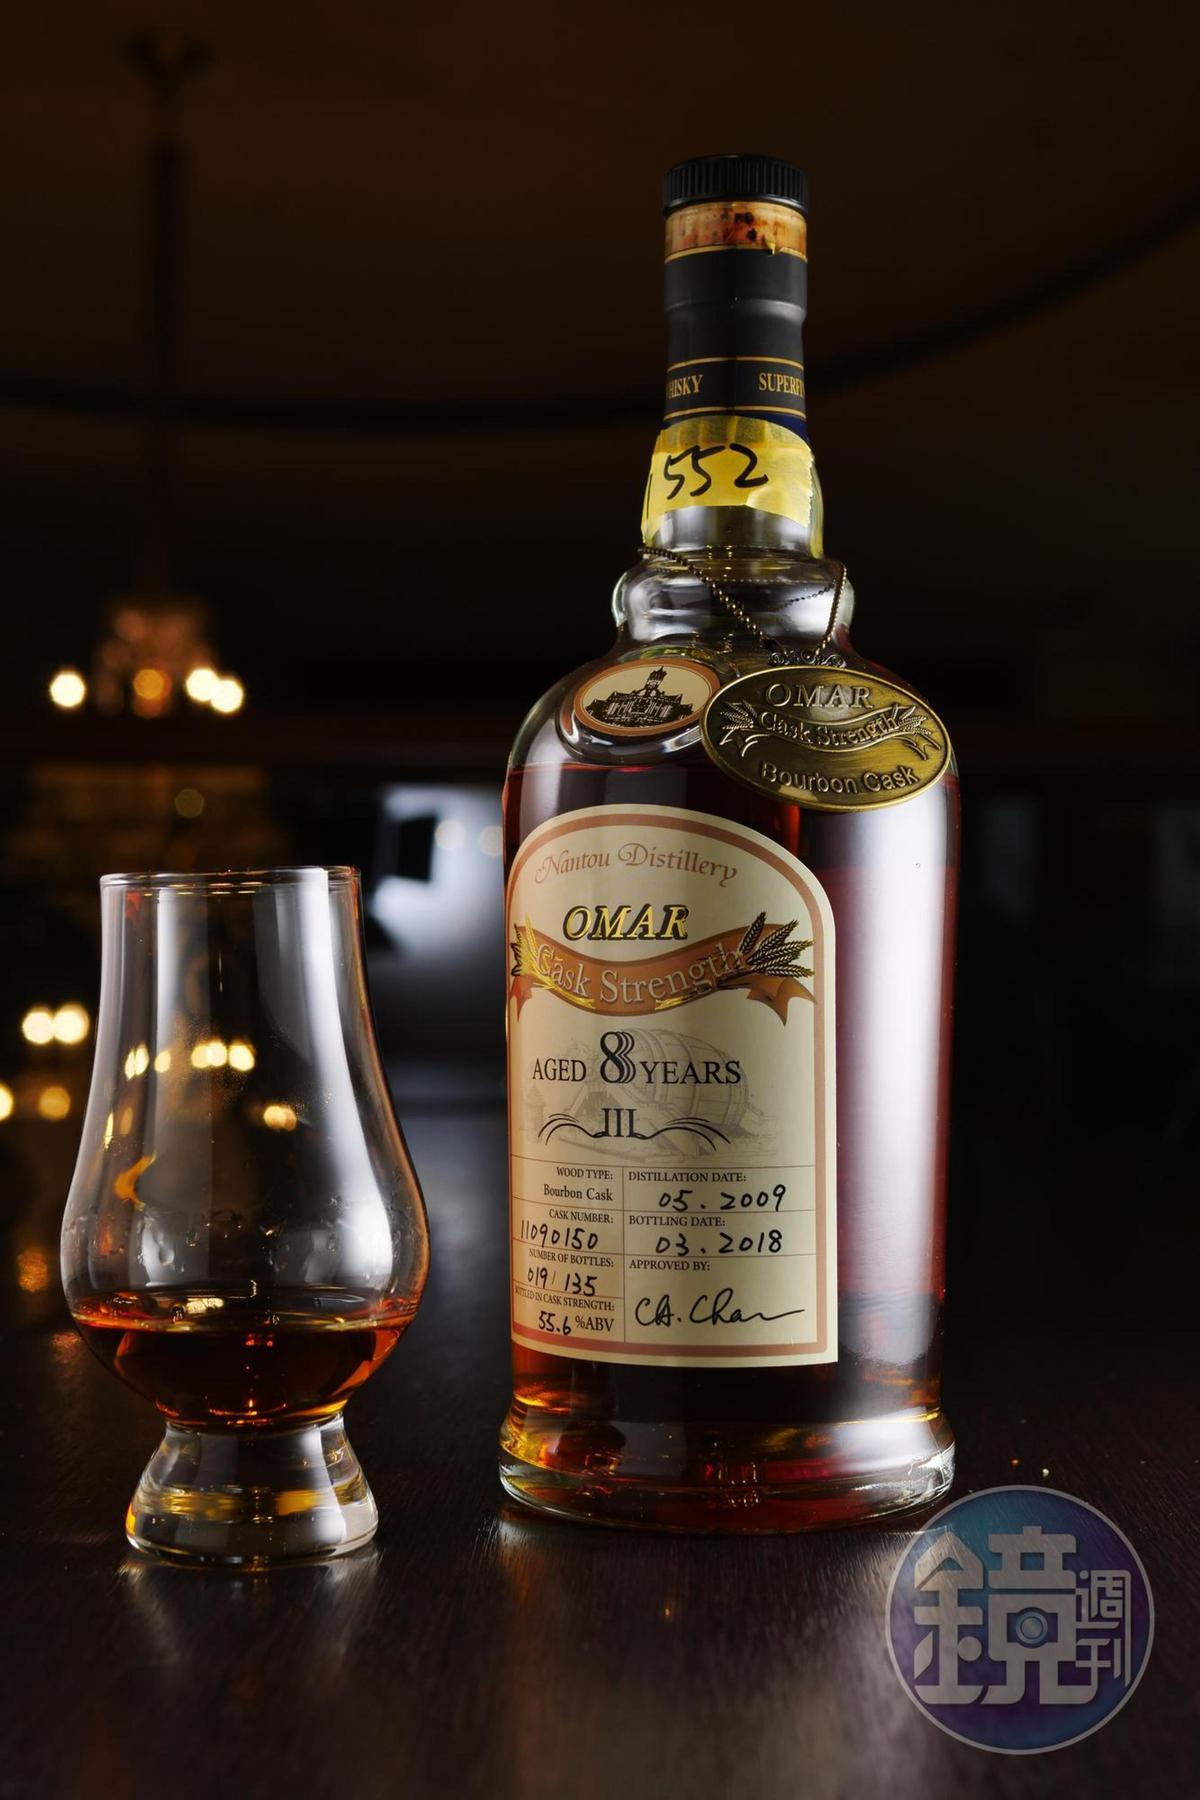 香氣清甜、口感豐富的「TTL OMAR 8年波本桶原酒」是中式黑胡椒沙公的好搭檔。(980元/單杯、30ml)